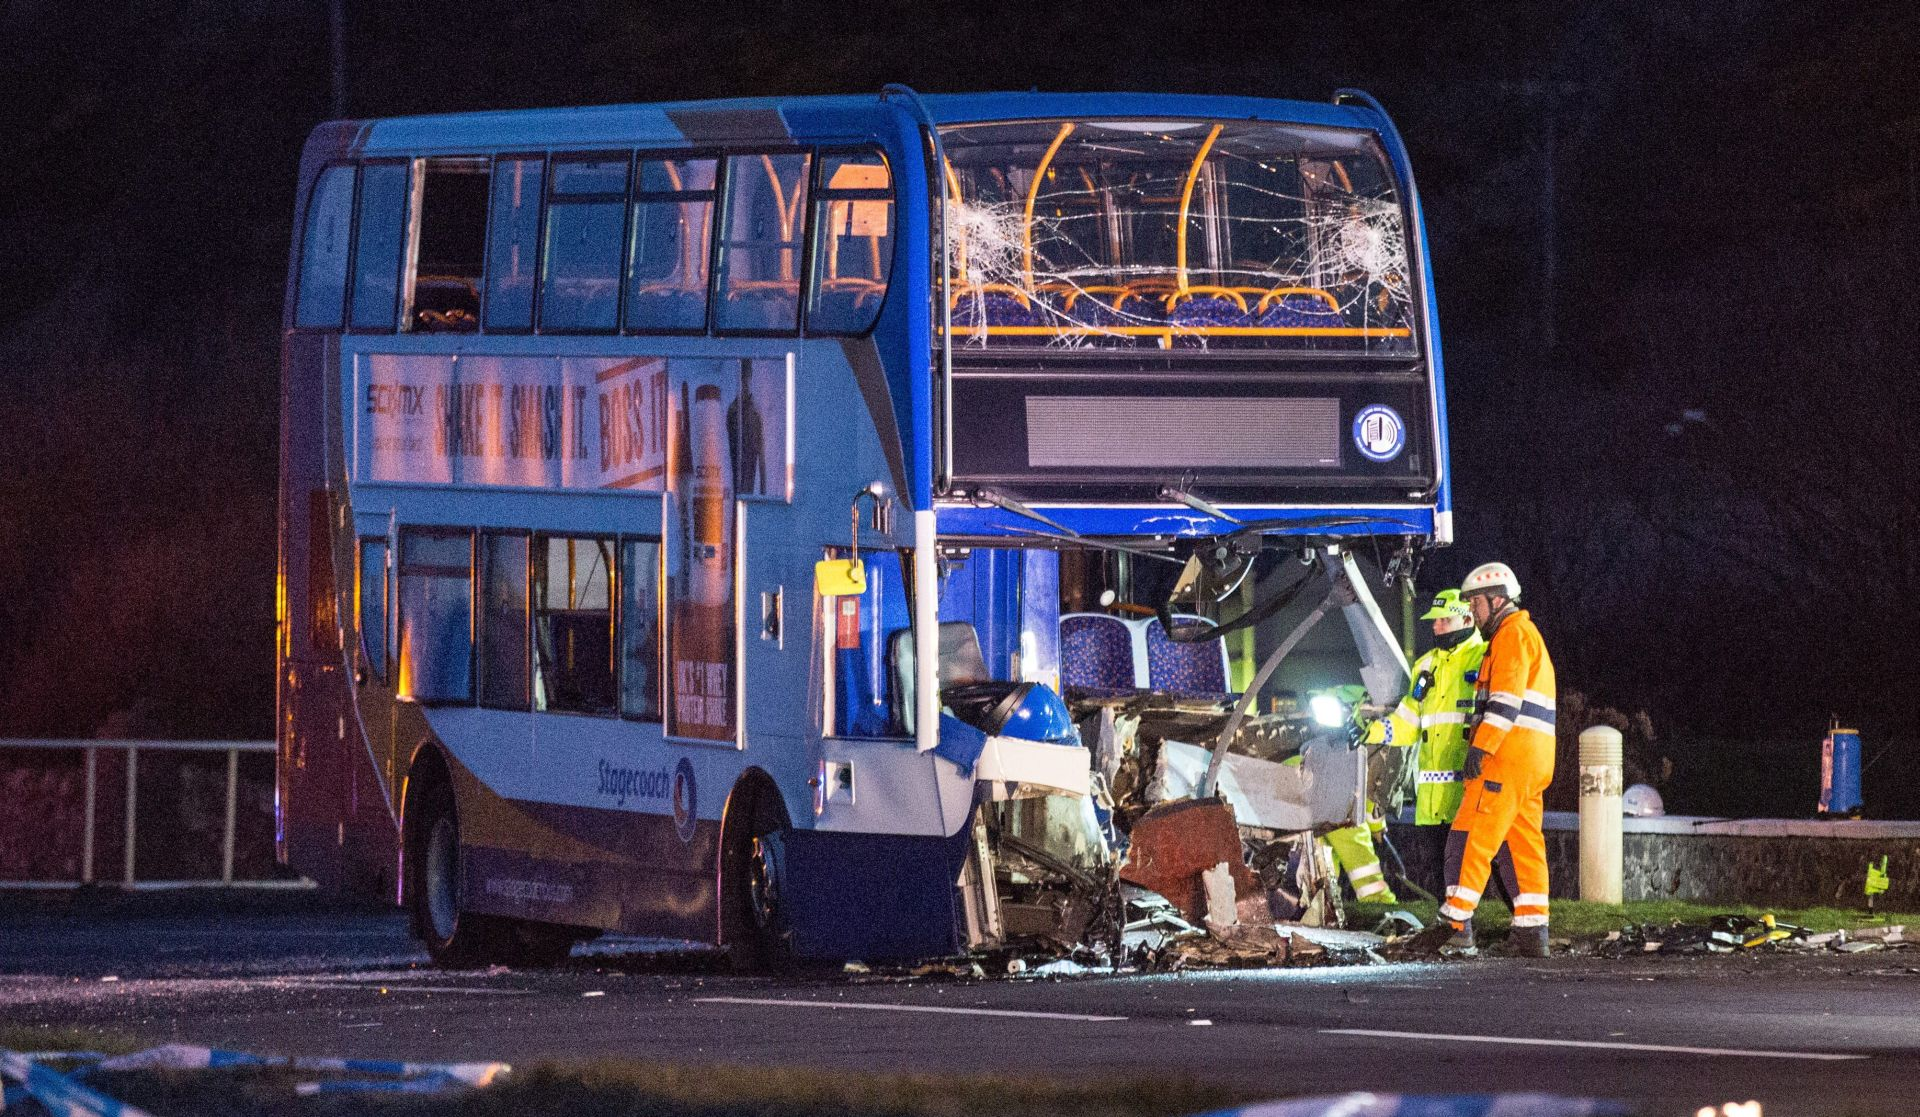 ZAPADNA ŠKOTSKA Sudar autobusa i terenca, jedna osoba poginula, najmanje 12 ozlijeđenih